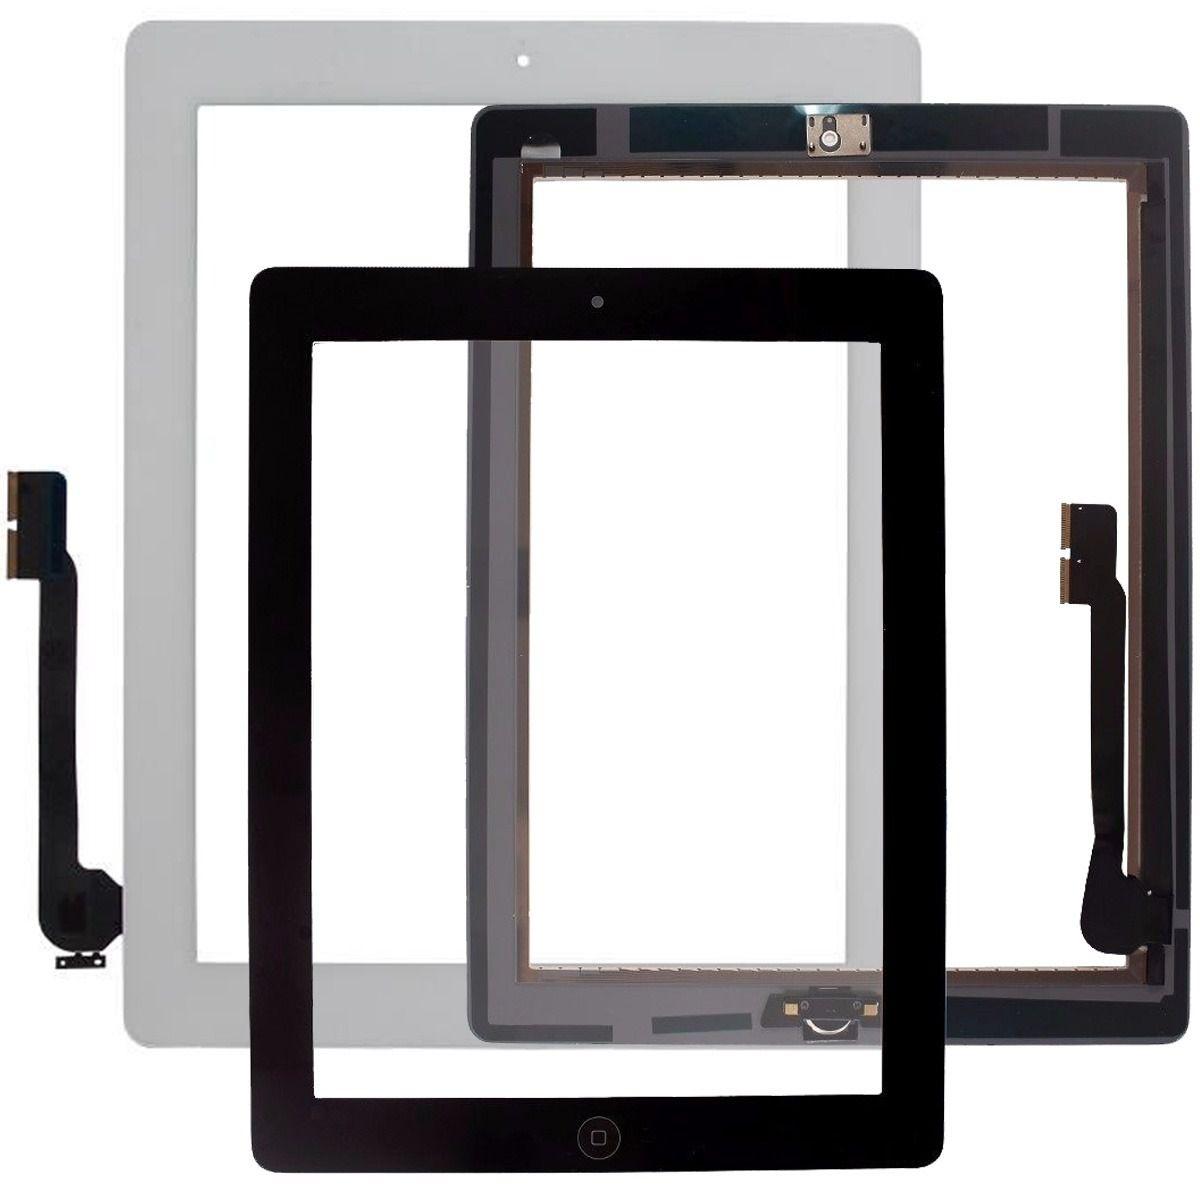 Tela Vidro Touch iPad 3 + Home A1403 A1416 A1430